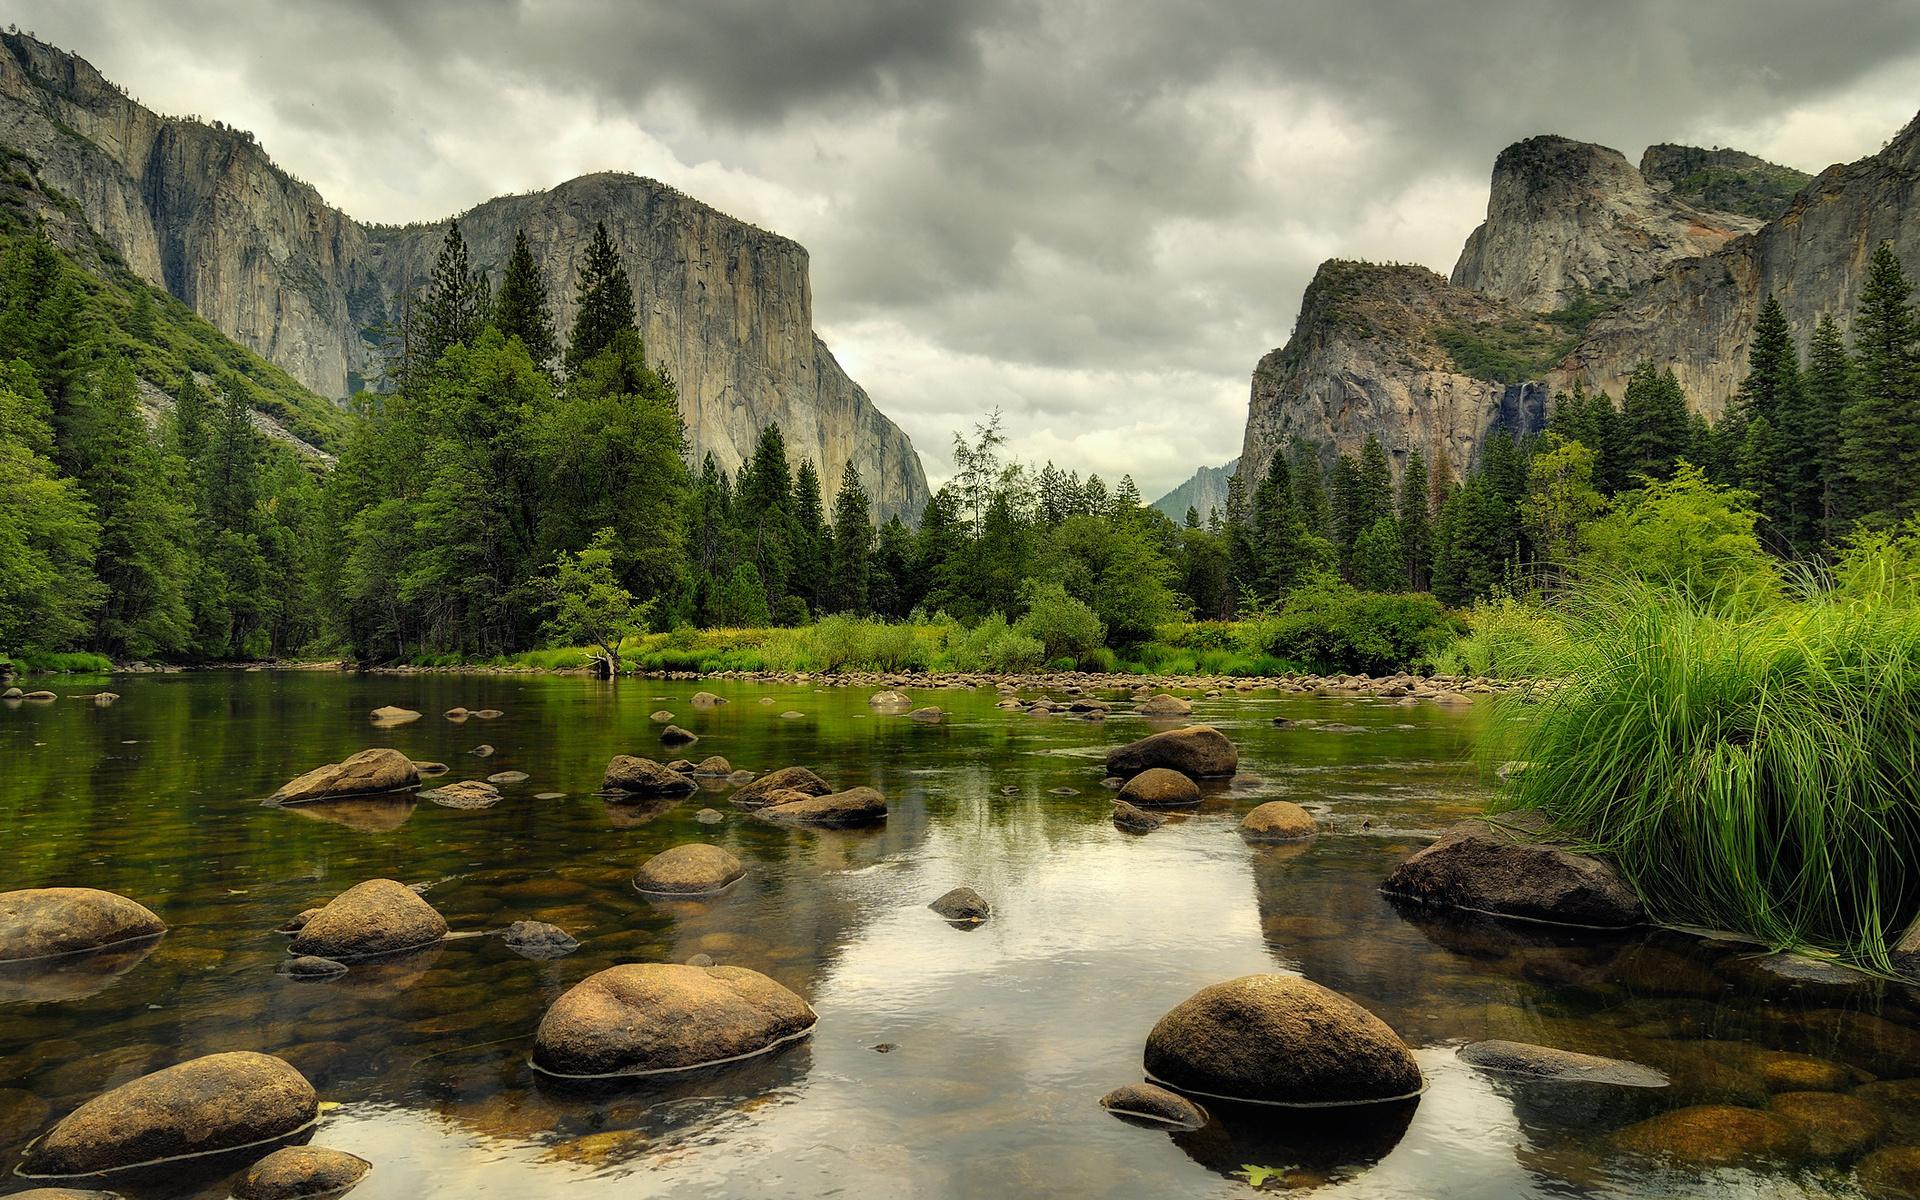 Облака над озером, галька, горы, лес  № 2950451 загрузить